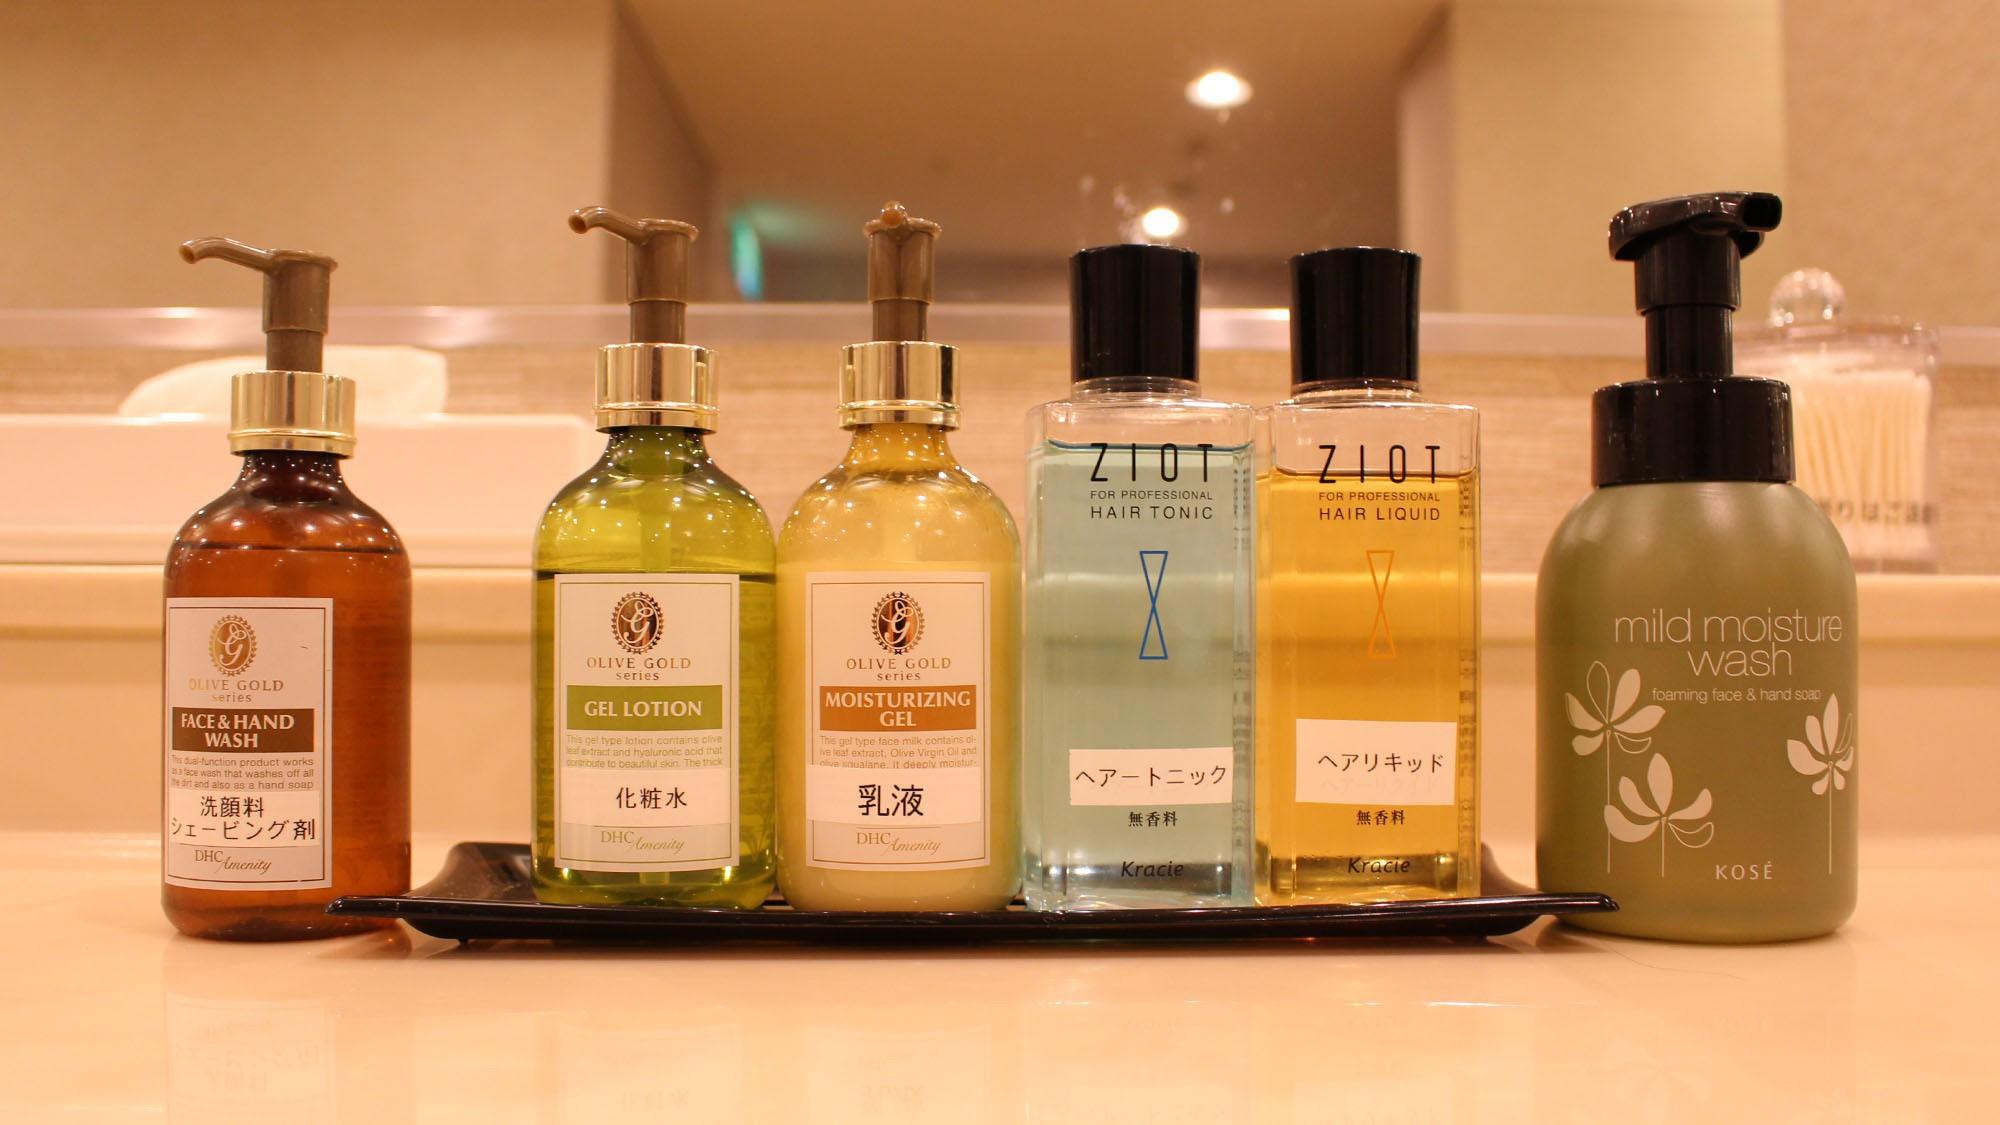 【アメニティ】大浴場に各種化粧品をご用意。化粧水・乳液等を取り揃えております。